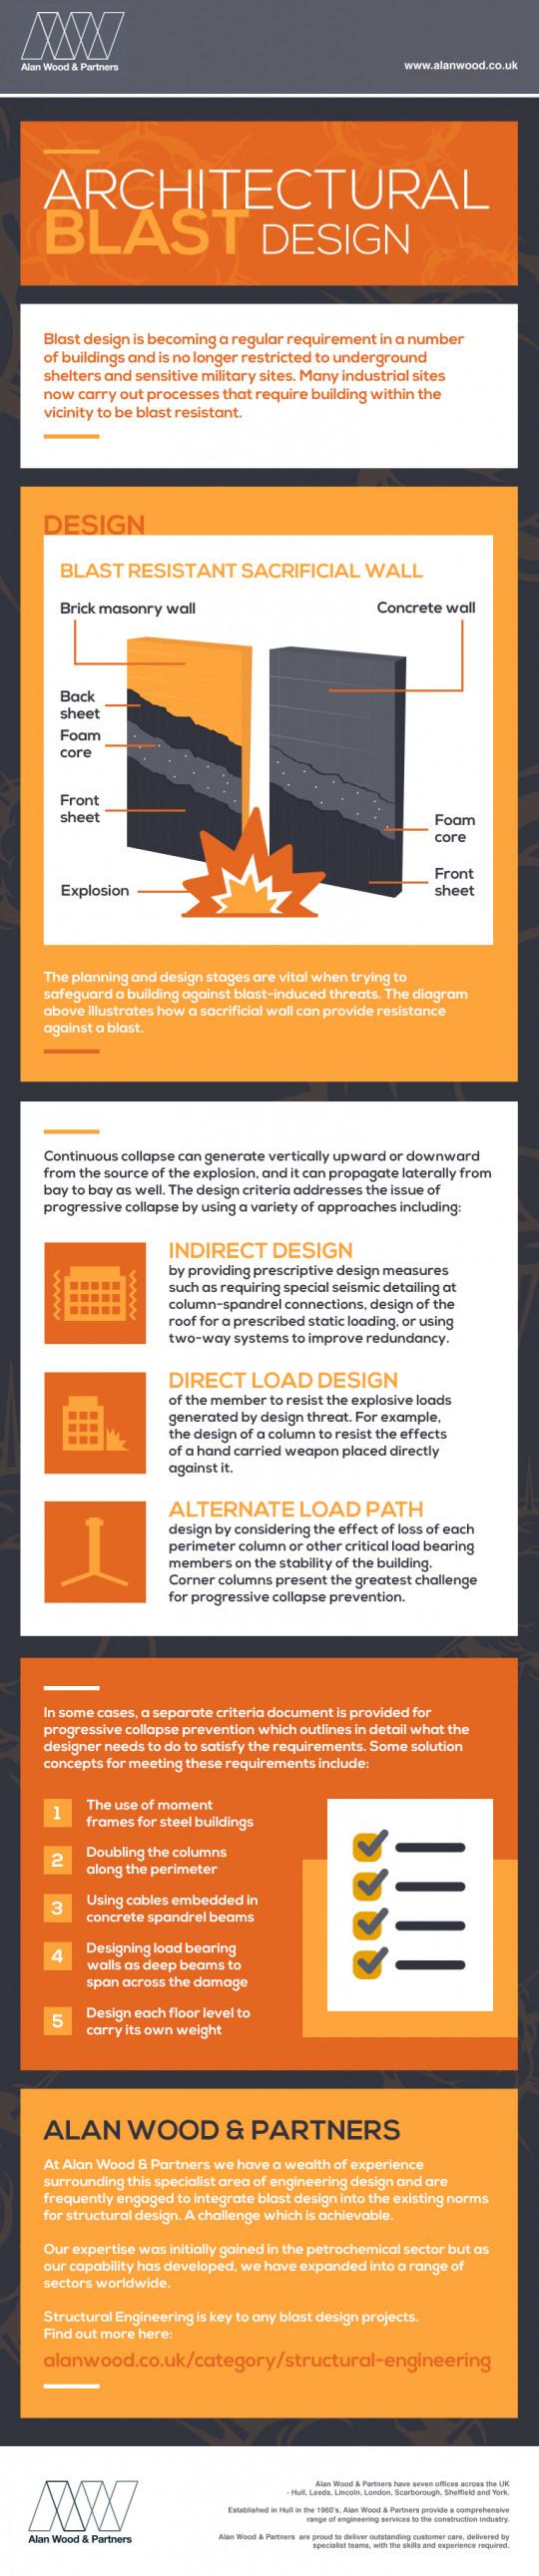 Architectural Blast Design